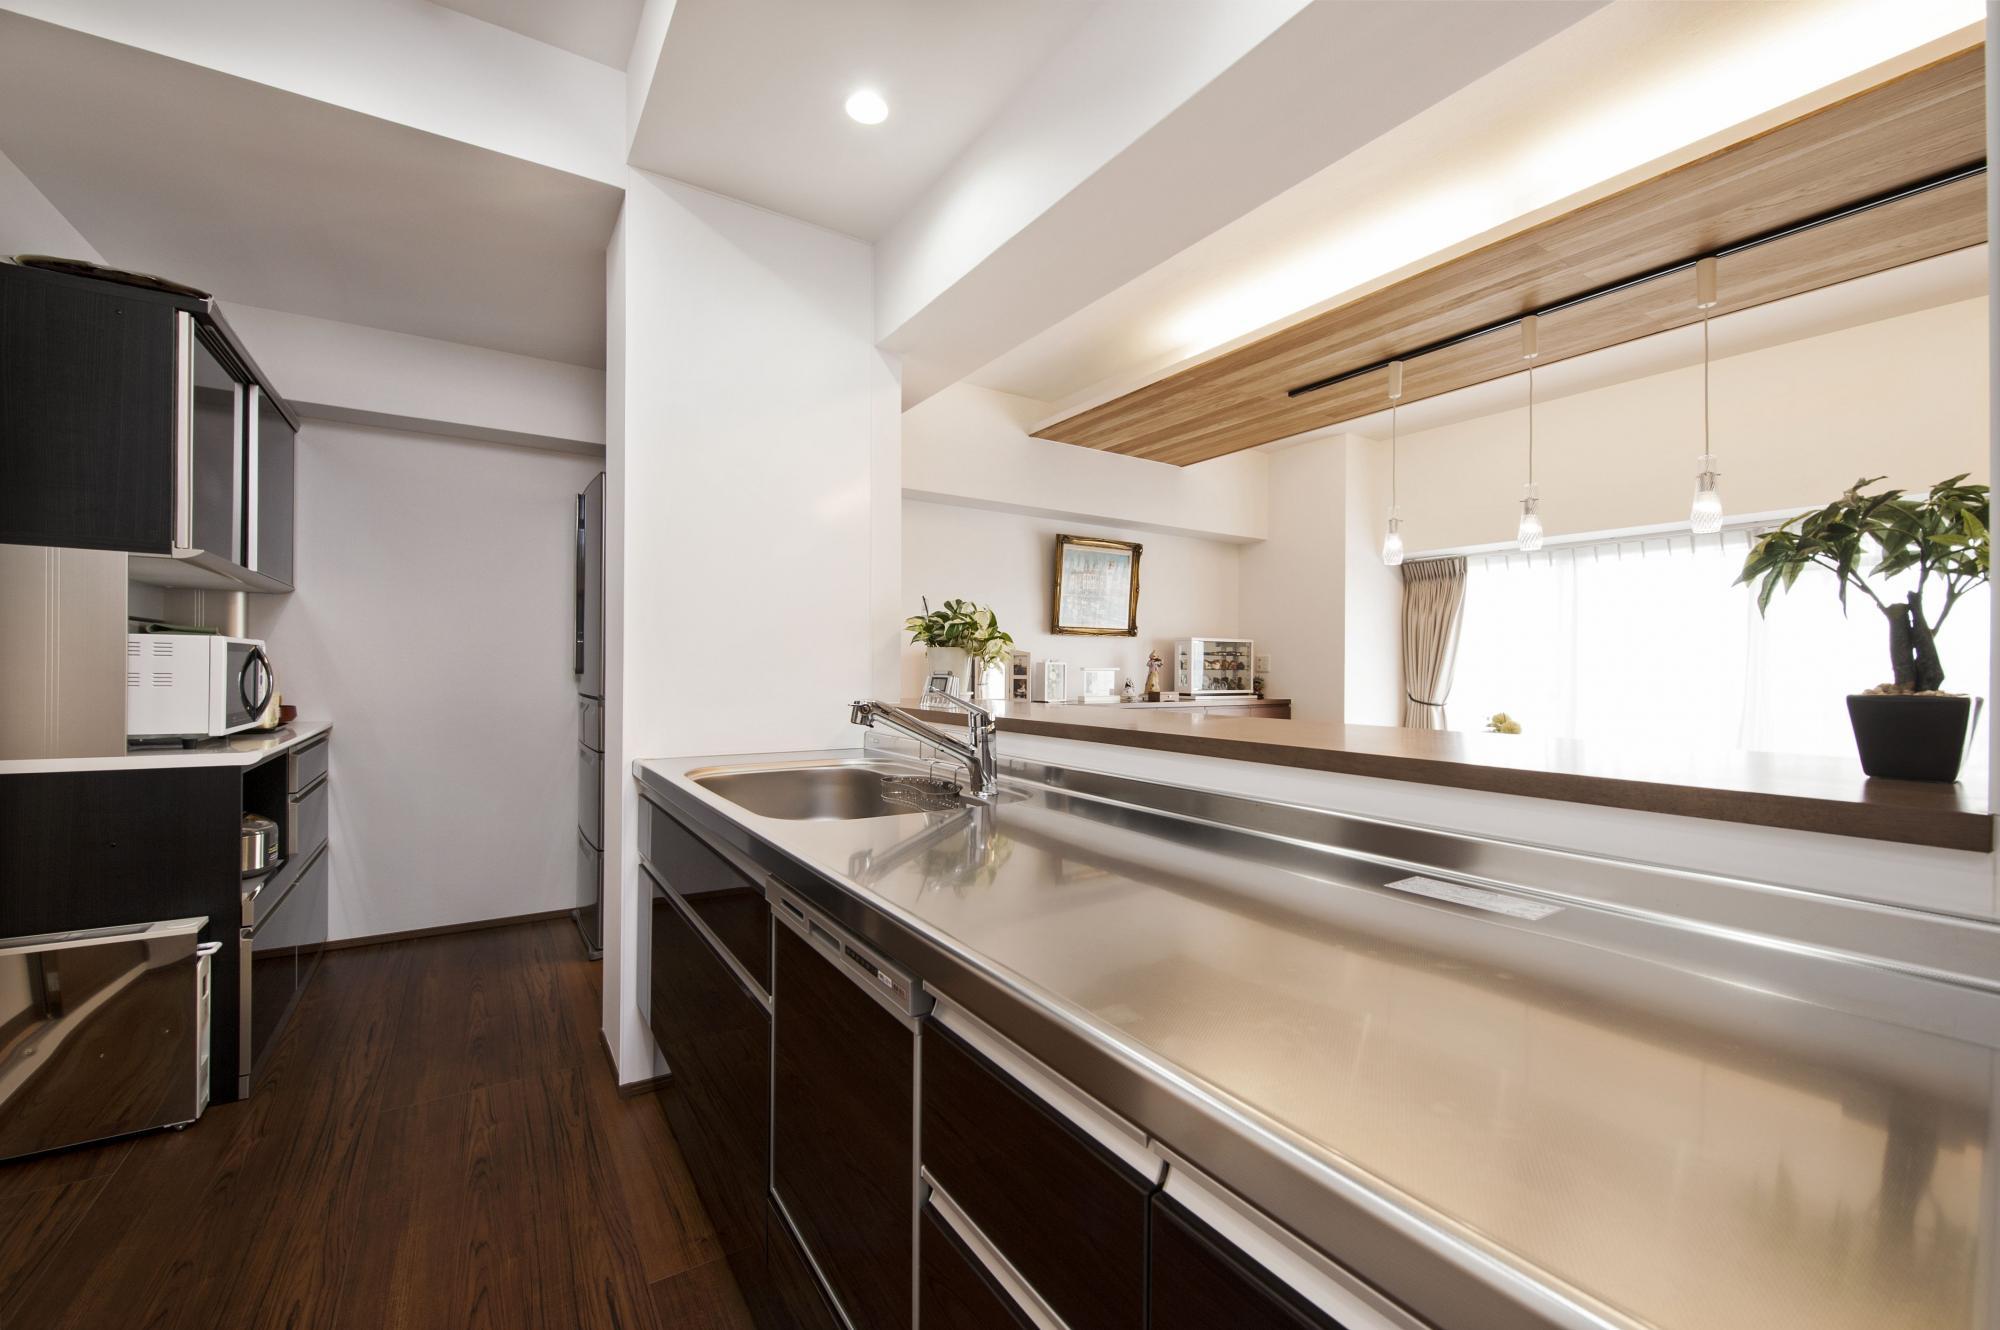 吊り戸棚を取り払い、開口部を大きく広げた対面式のキッチン。鏡面仕上げの扉が美しいシステムキッチンはショールームで選んだ。